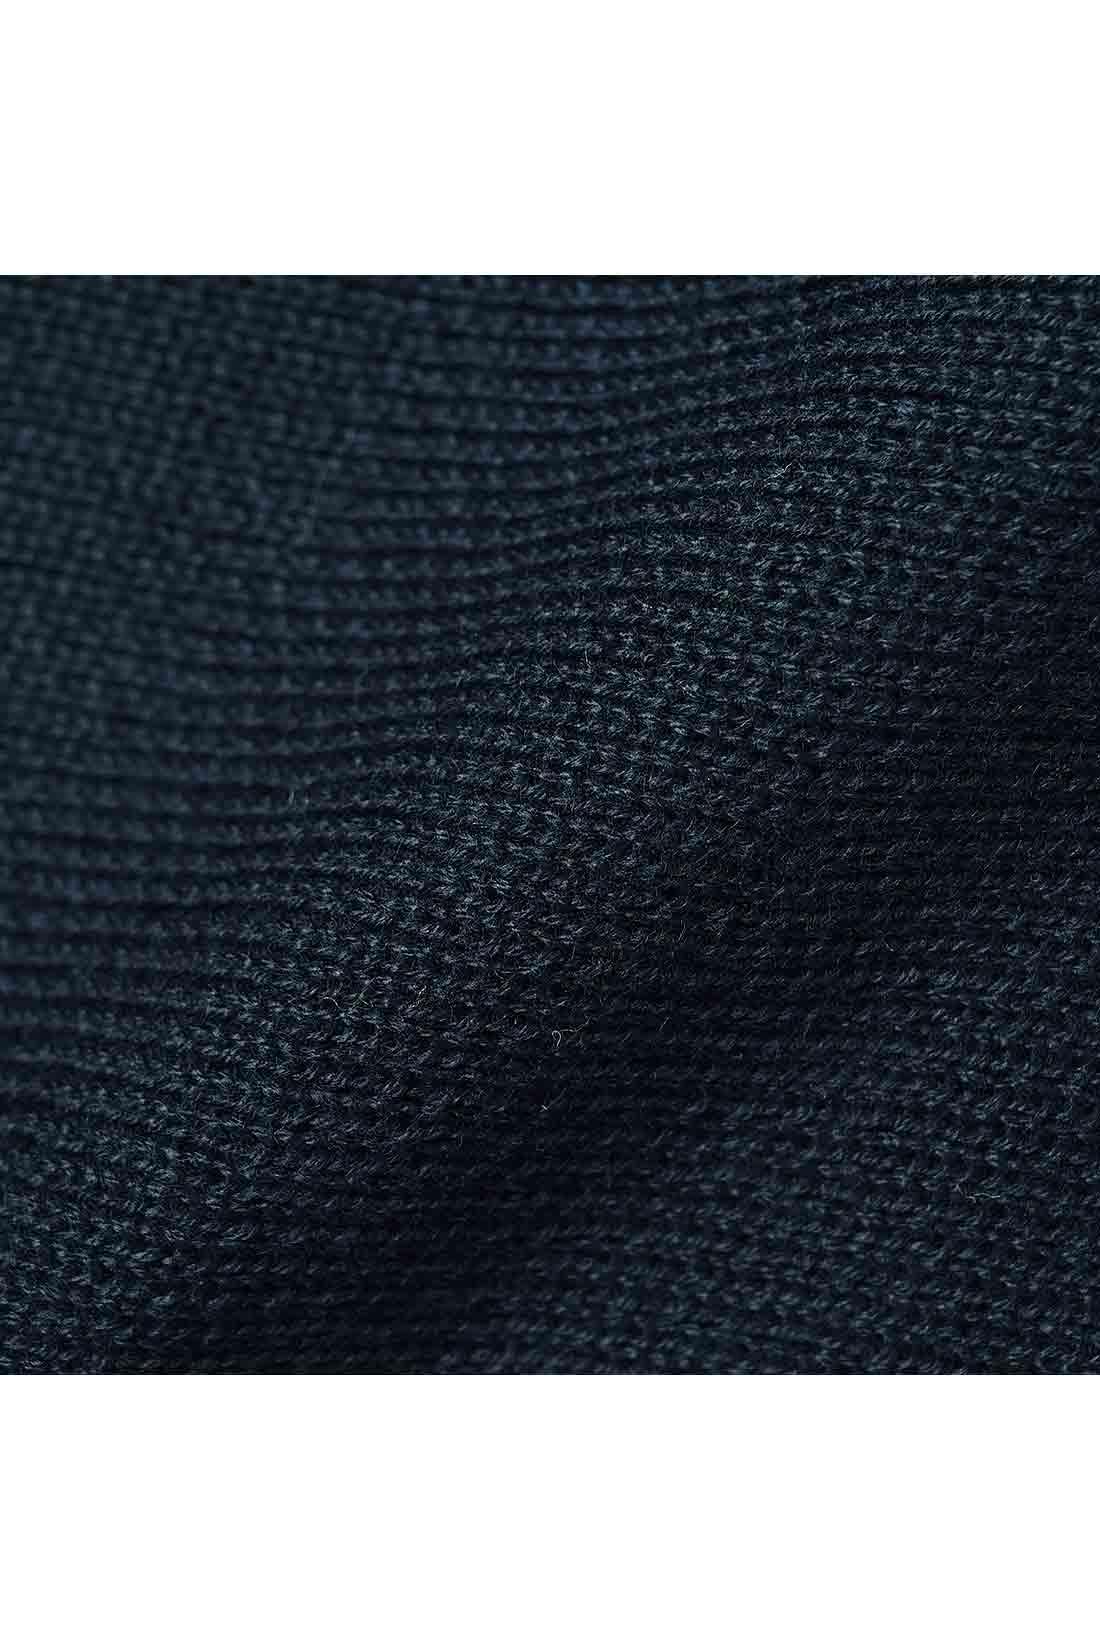 一枚でこなれて見える旬顔なダブルジャカード編み 綿タッチのアクリル糸でリュクスに編み立てた、上品なダブルジャカードのニット素材。肉厚なのでからだのラインを拾いにくく、しわも気になりにくいのでアイロンいらず。